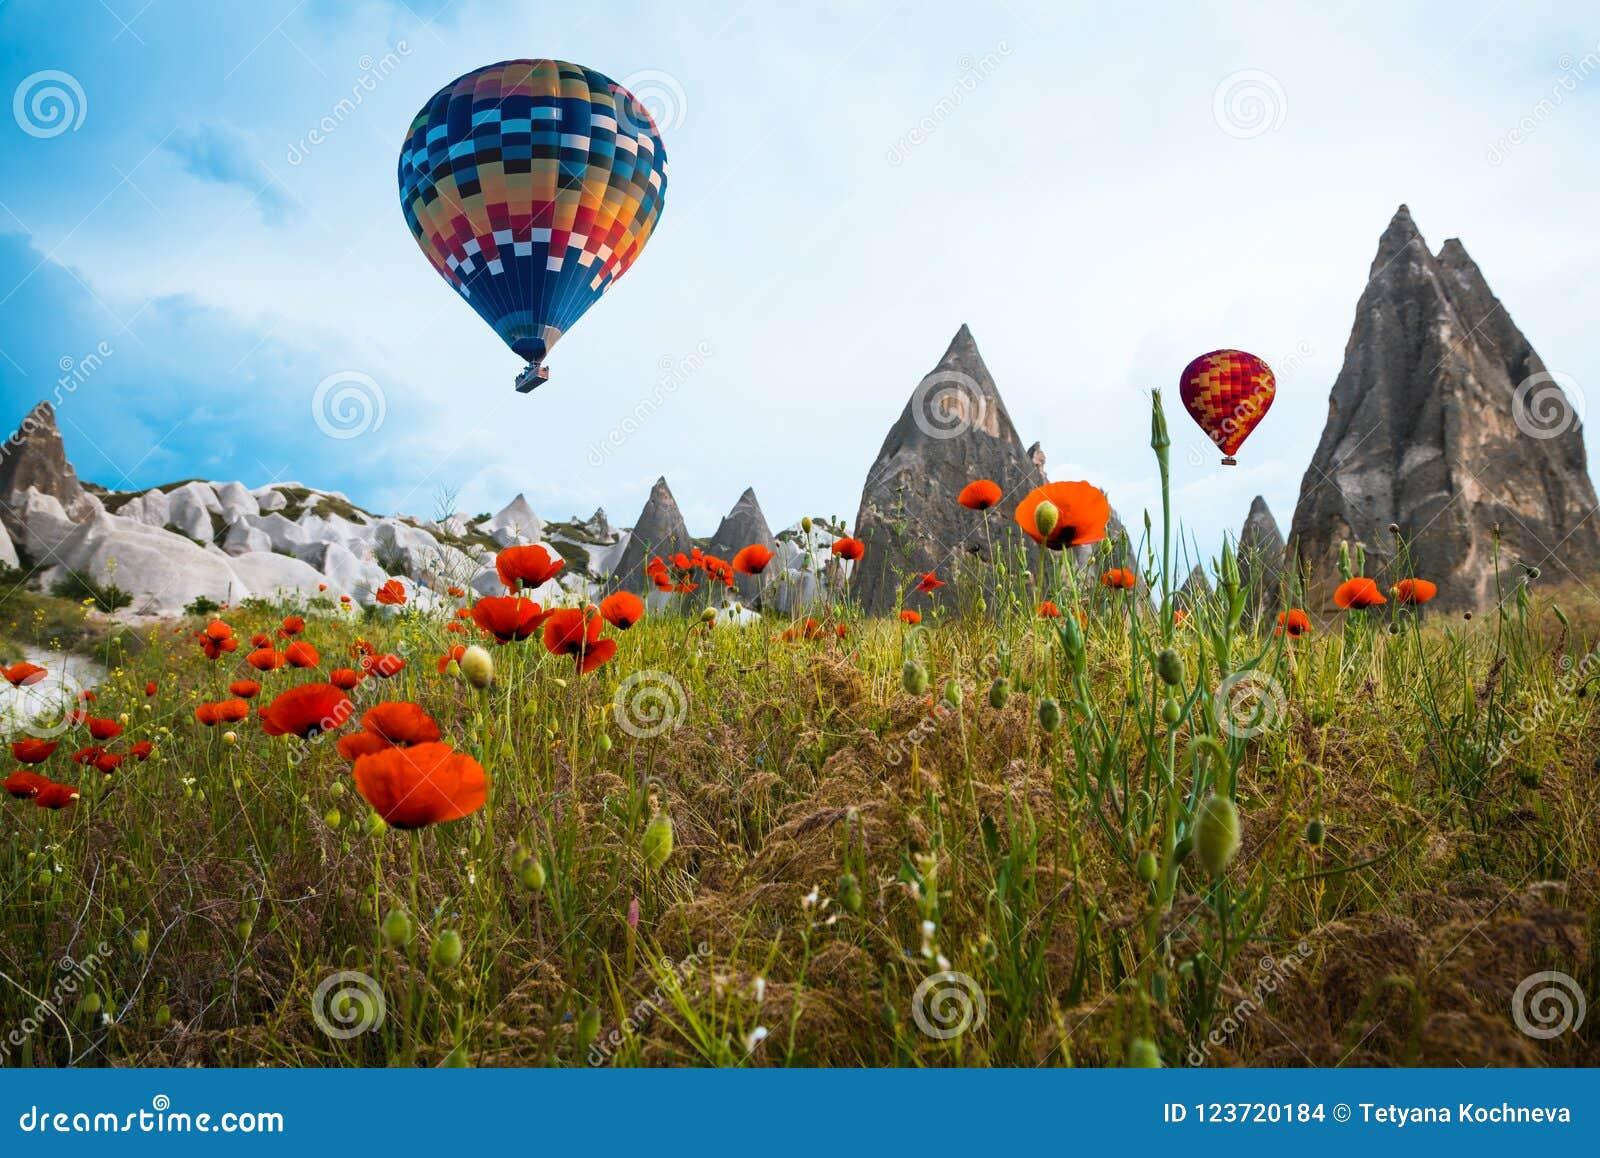 Воздушный шар над маками field Cappadocia, Турция